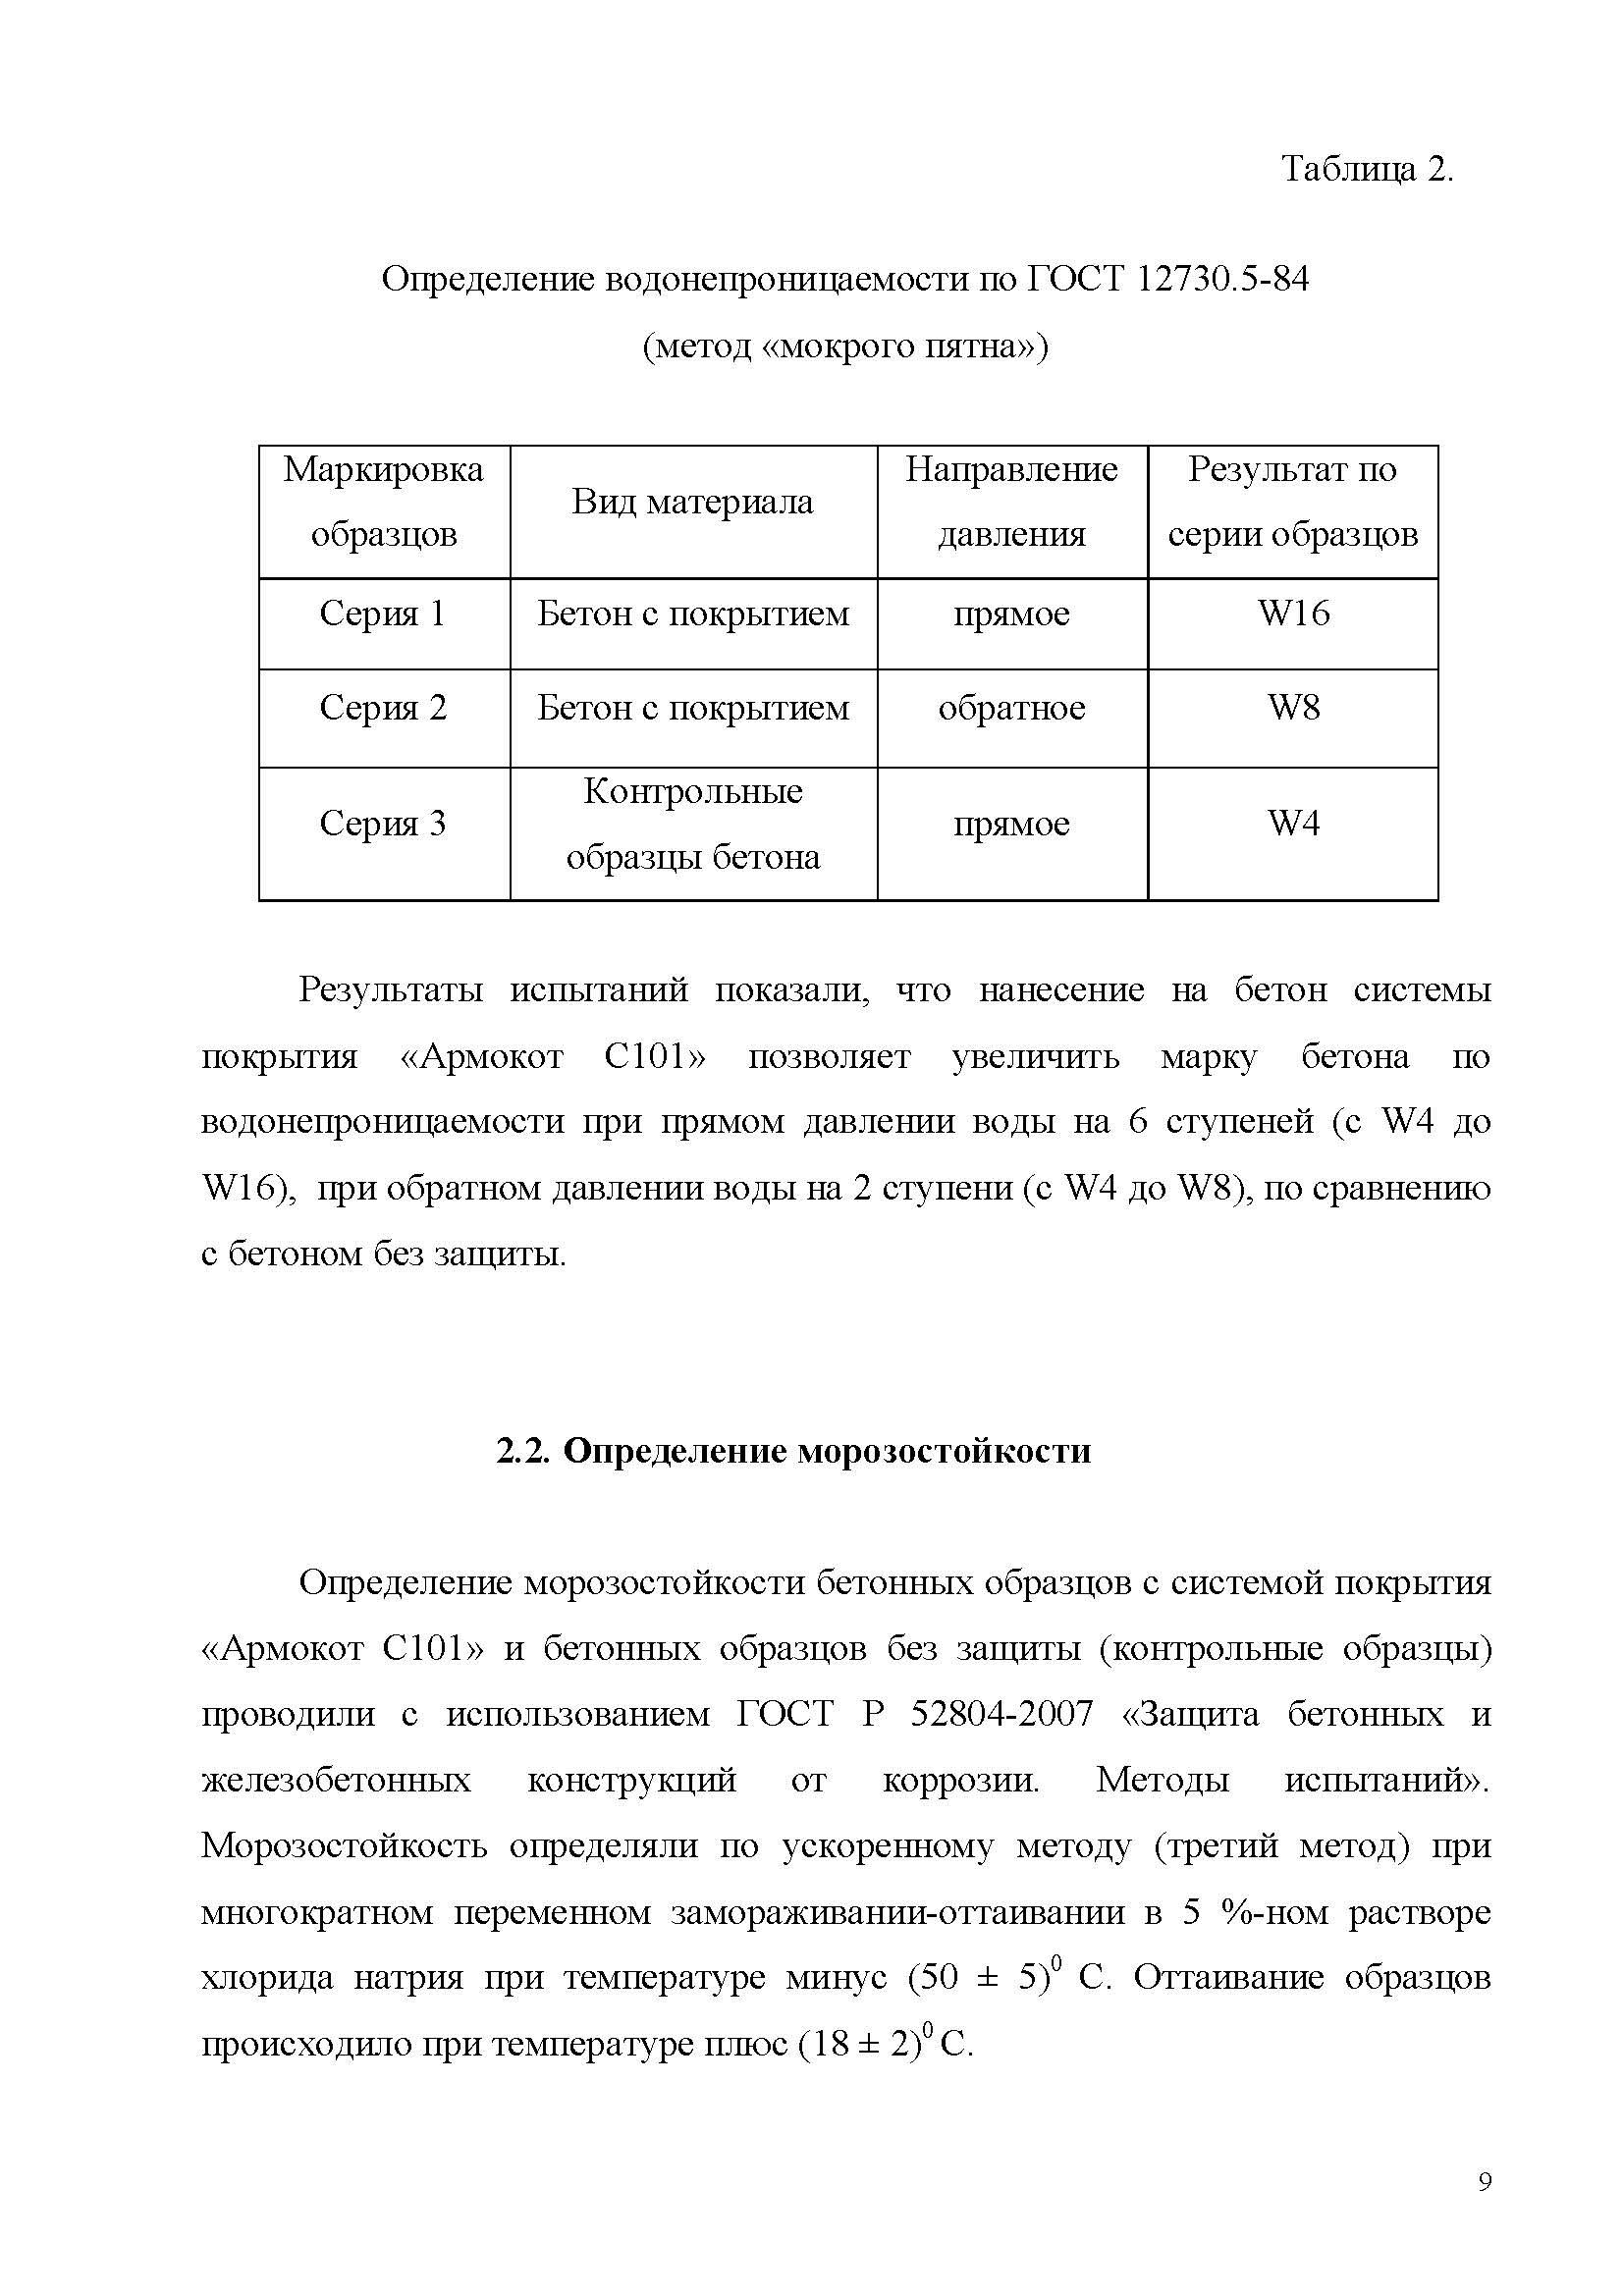 Заключение Морозов-КТБ Армокот С101_Страница_09